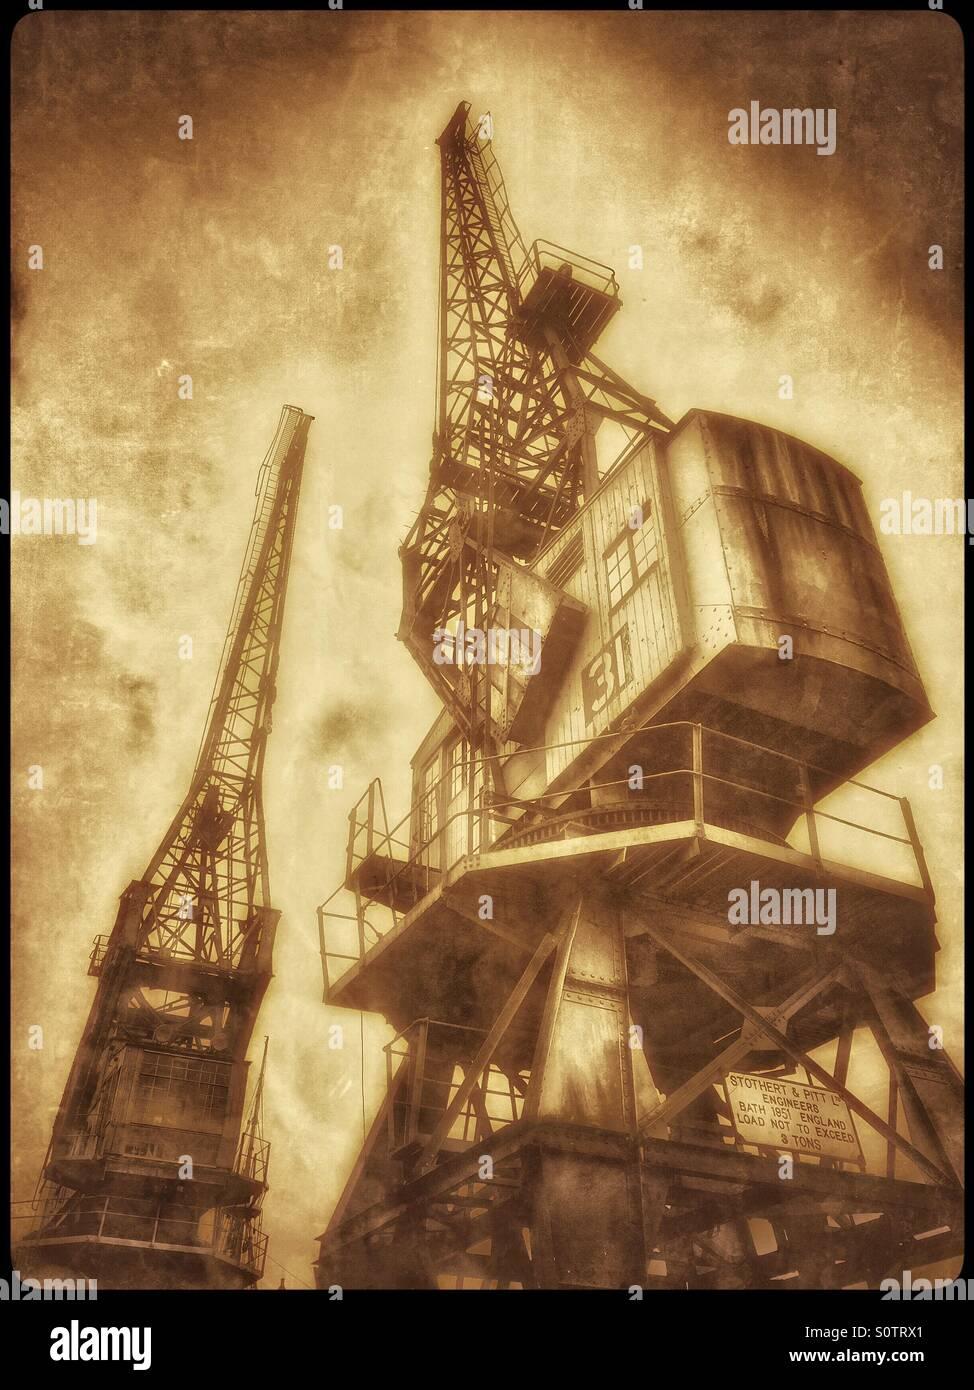 Un seppia effetto antico foto di due gru che sono situati sul bordo della Floating Harbour, vicino al centro città Immagini Stock